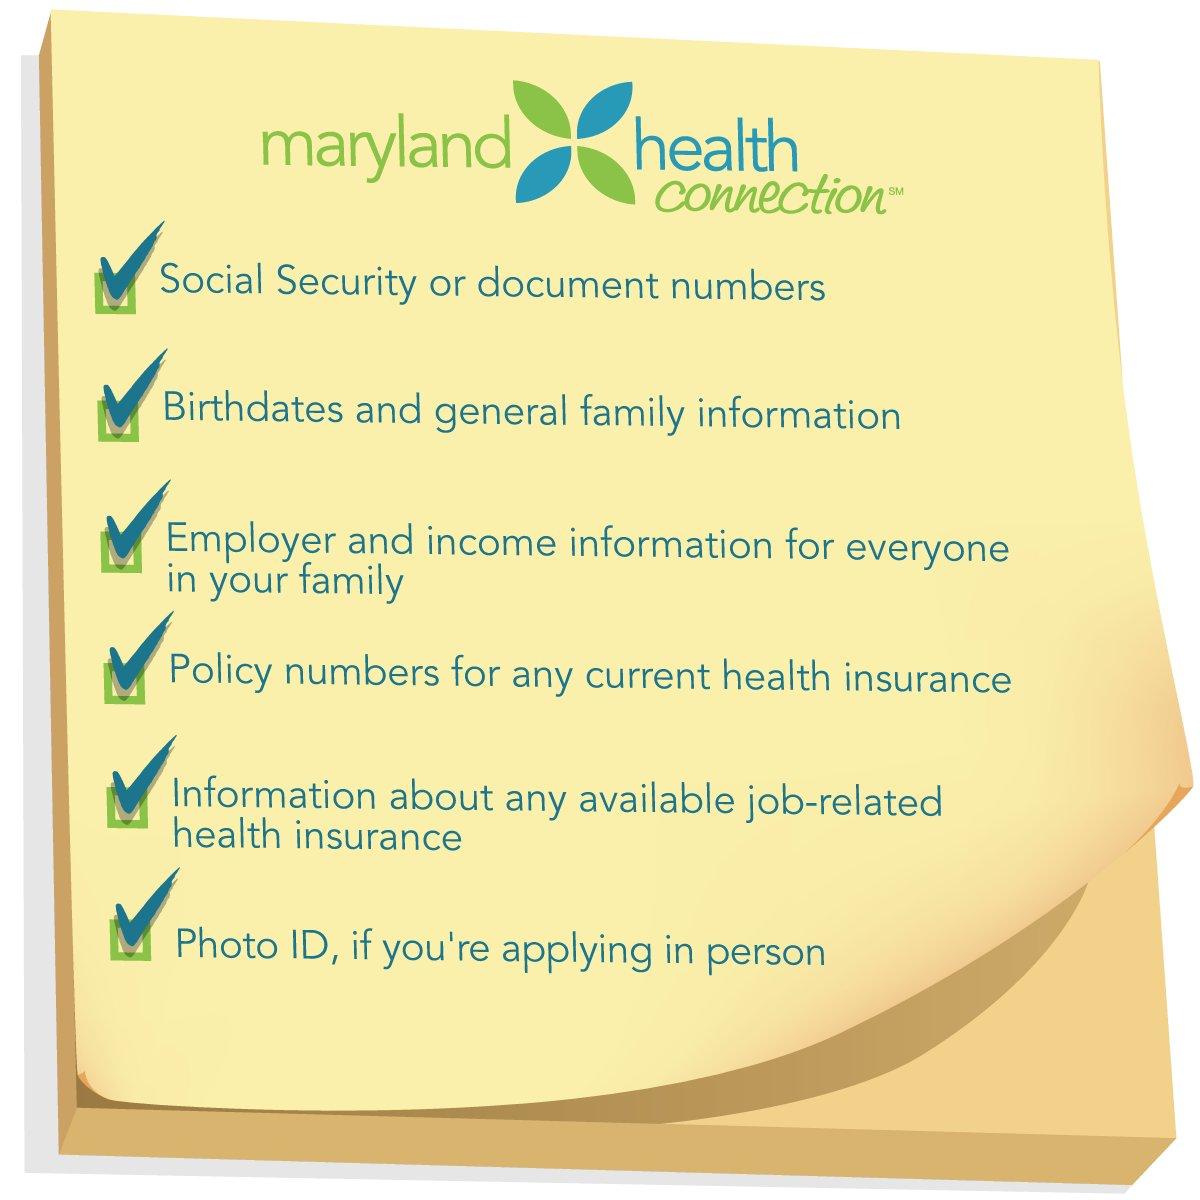 Como-obtener-seguro-medico-a-bajo-costo